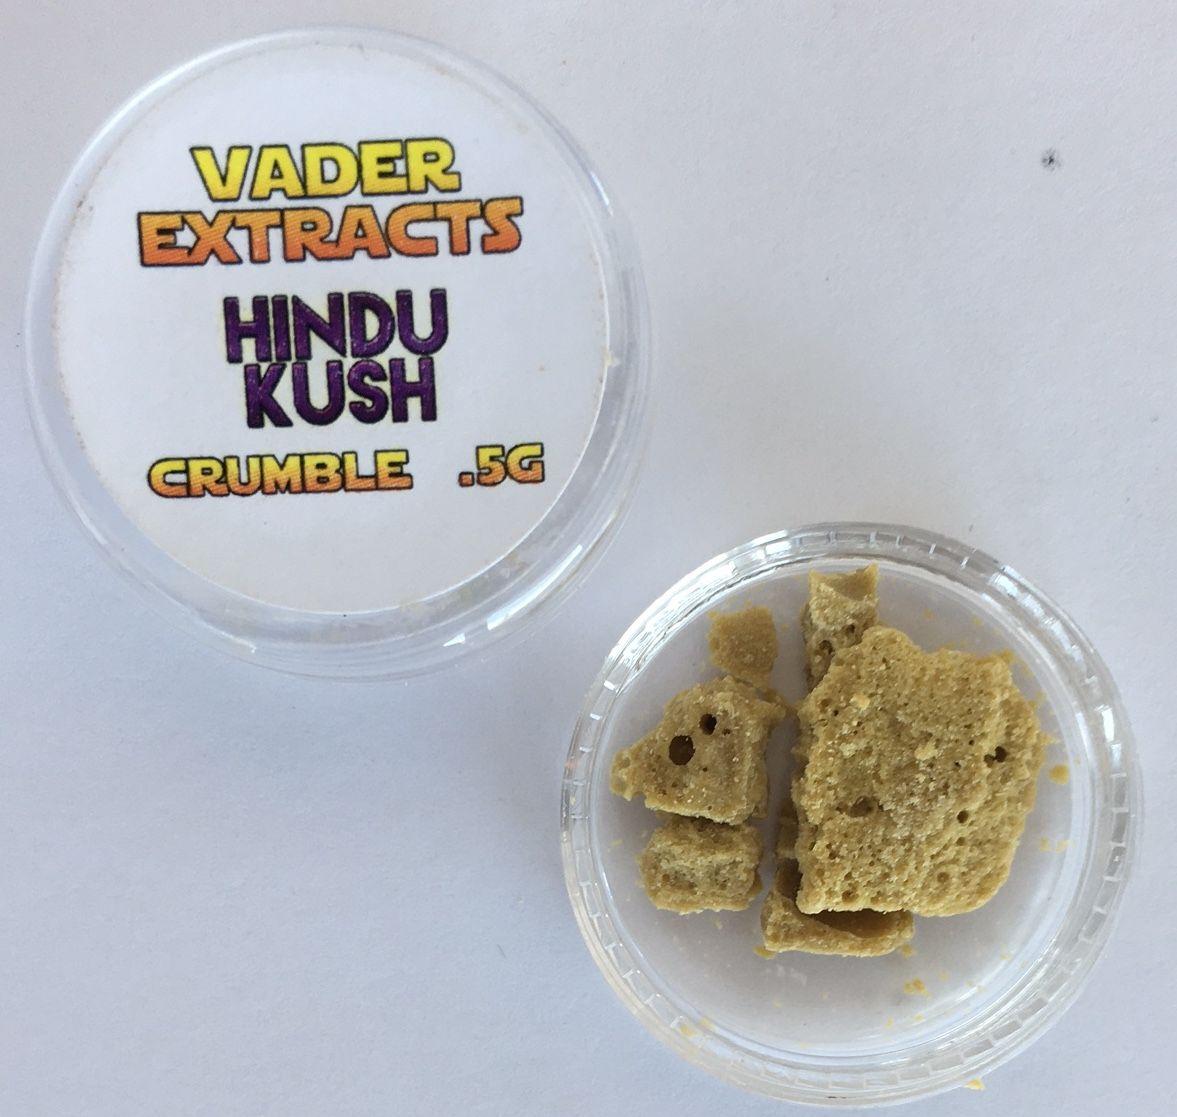 Vader Extracts - Hindu Kush Crumble